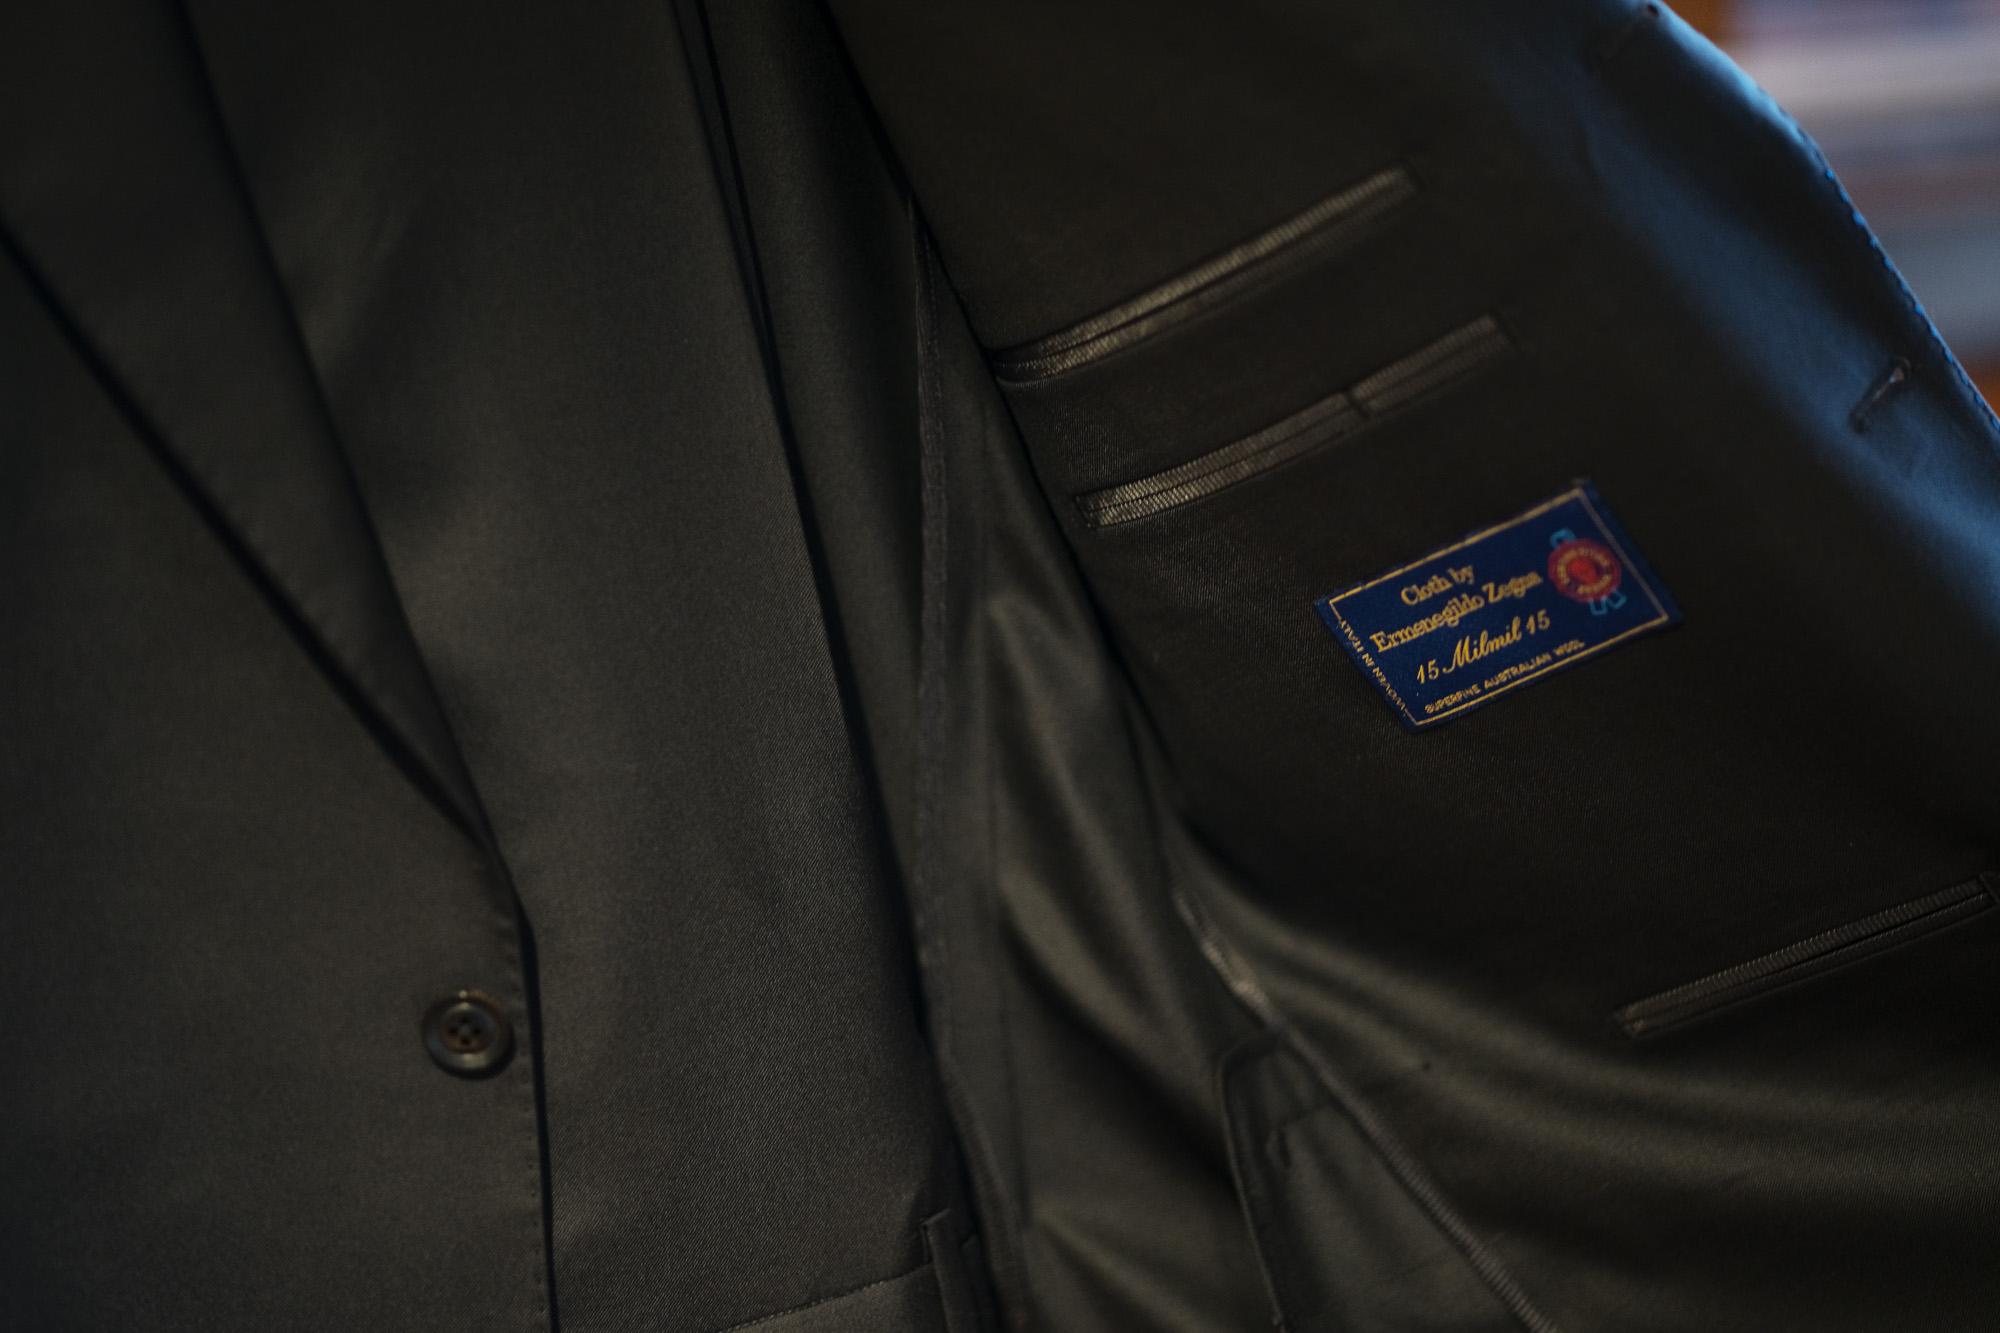 cuervo bopoha(クエルボ ヴァローナ) Sartoria Collection (サルトリア コレクション) Rooster (ルースター) Ermenegildo Zegna エルメネジルド・ゼニア 15 Milmil 15 15ミルミル15 スーツ BLACK (ブラック) MADE IN JAPAN (日本製) 2020 【オーダー分入荷】 愛知 名古屋 altoediritto アルトエデリット 愛知 名古屋 altoediritto アルトエデリット オーダースーツ ゼニアスーツ